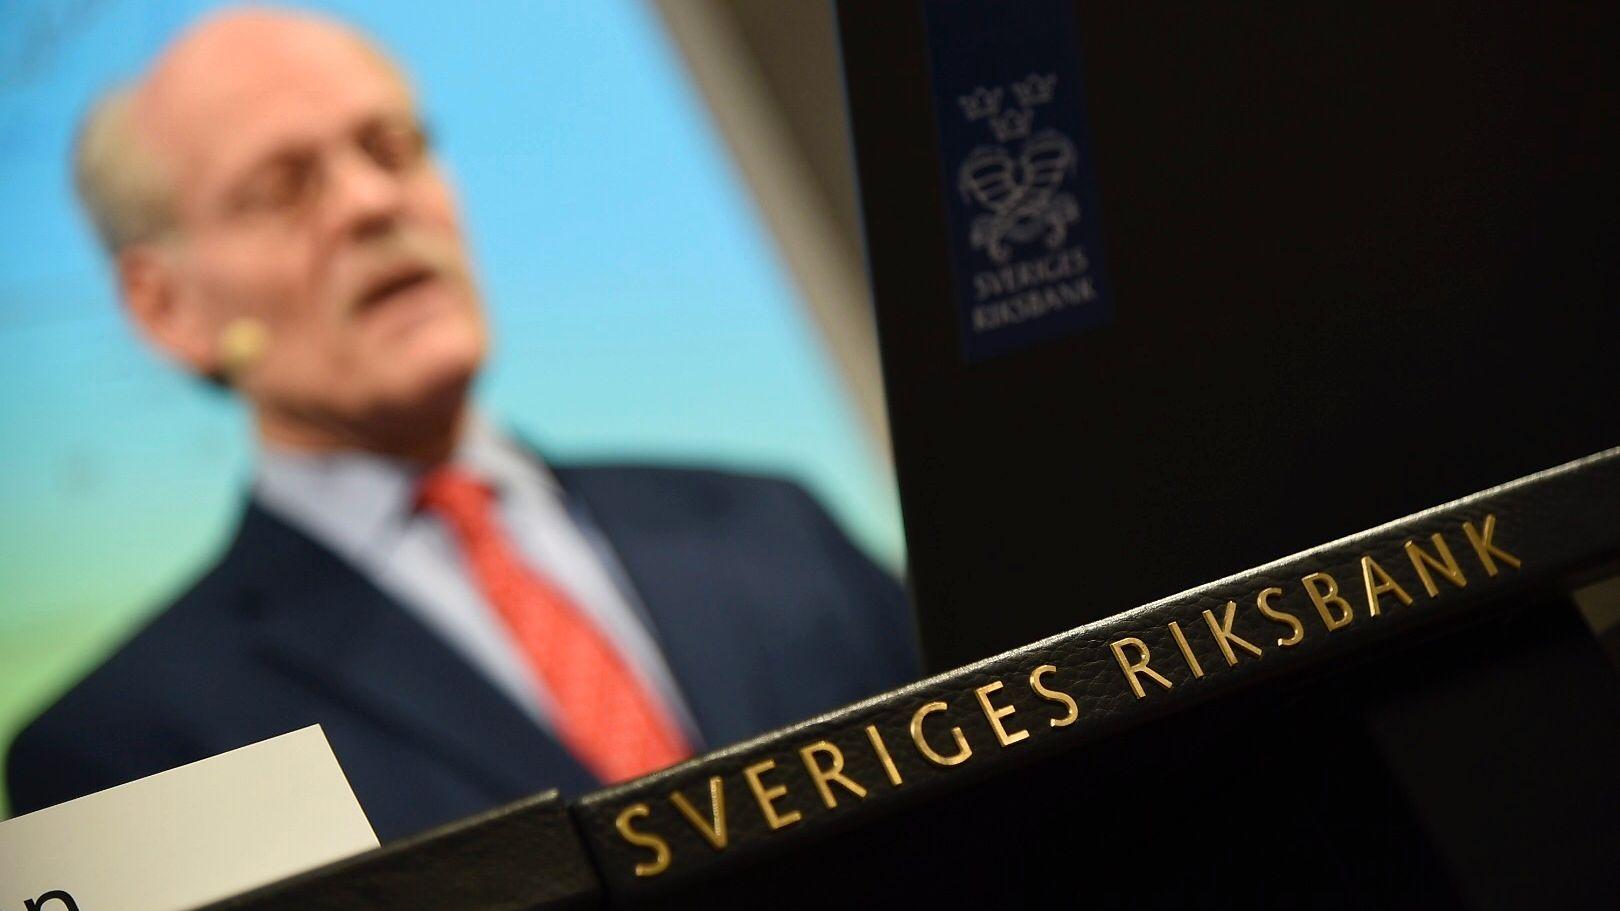 RENTEMØTE I SVERIGE: Den svenske Riksbanken vil trolig nedjustere renteforventningene på torsdag, noe som sannsynligvis svekker både svenske og norske kroner. Foto: Thommy Tengborg / TT